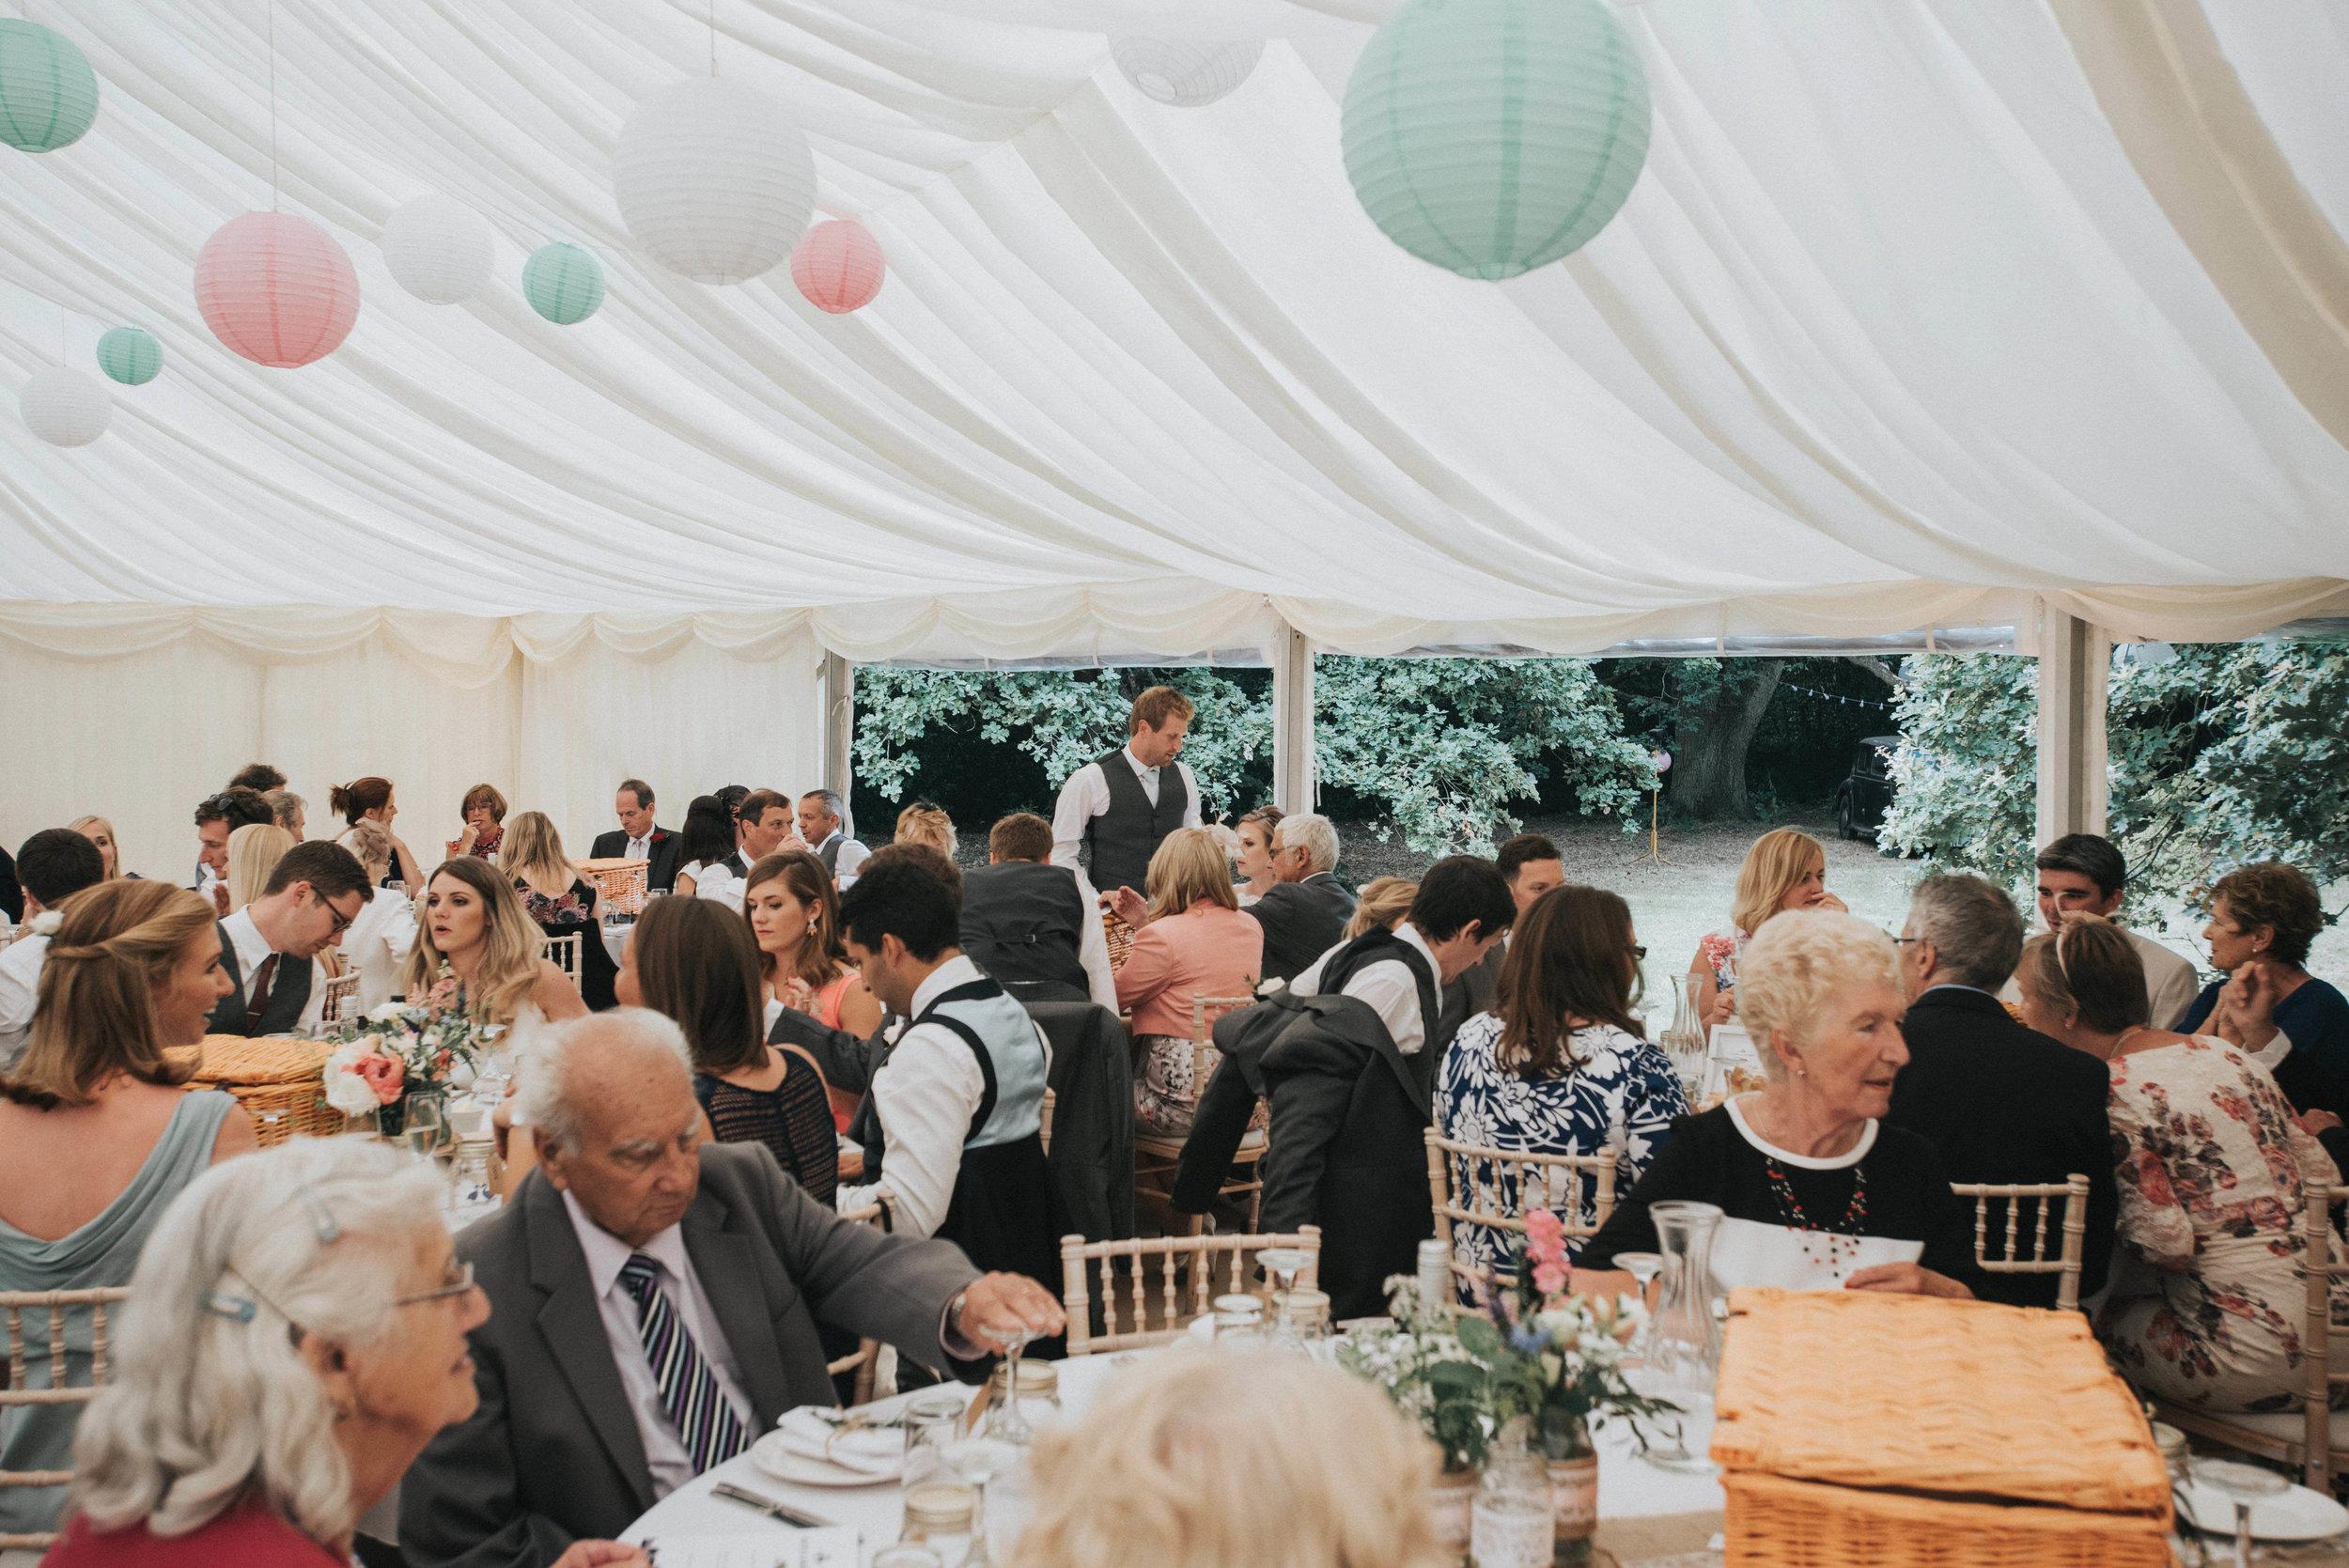 festival-farm-wedding-131.jpg